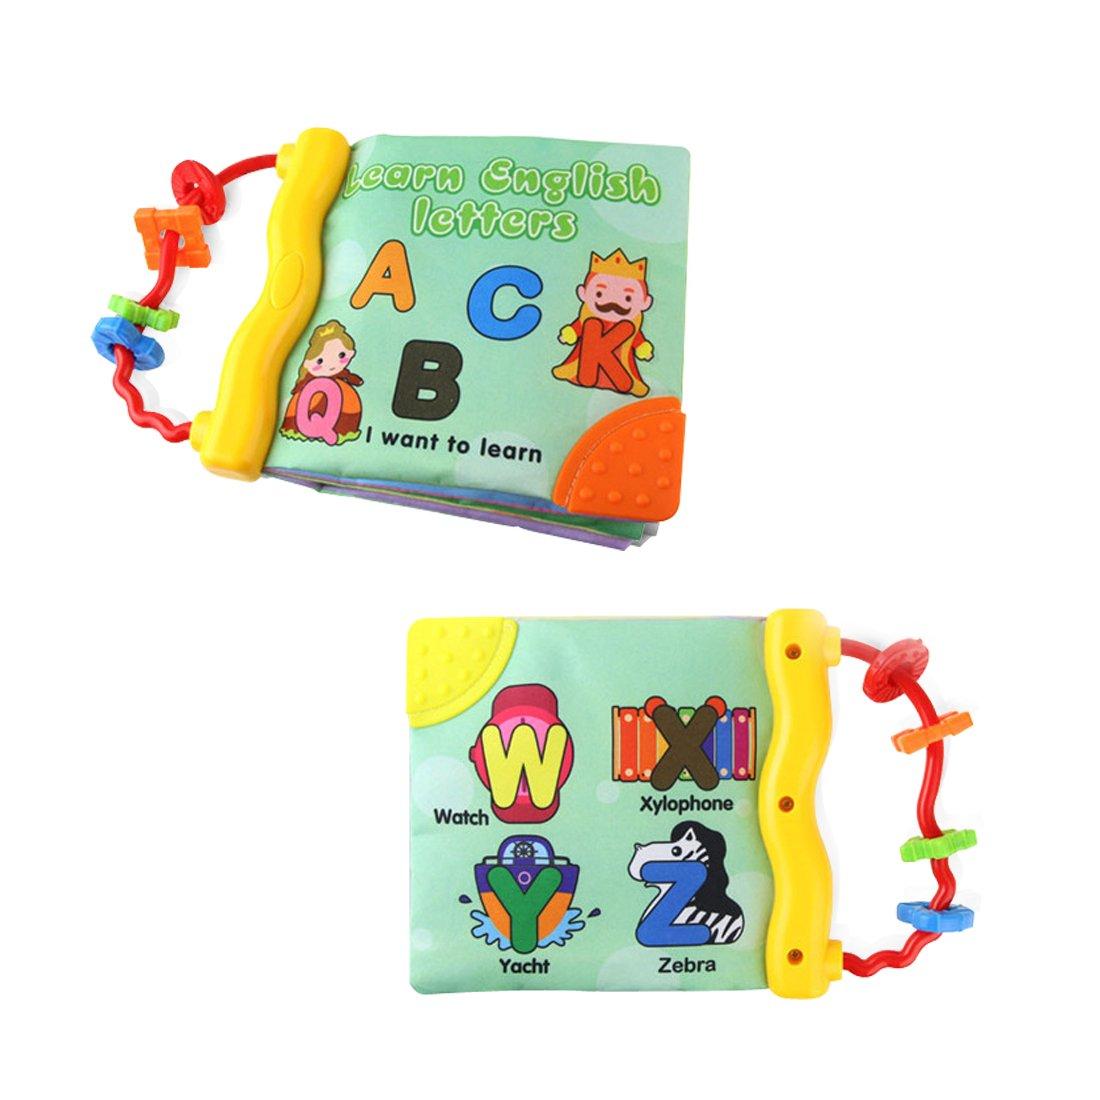 Libro para las primeras palabras del bebé, tela suave, libro de cognición para aprendizaje y actividades, juguete para educación prematura (letras) Jun-see